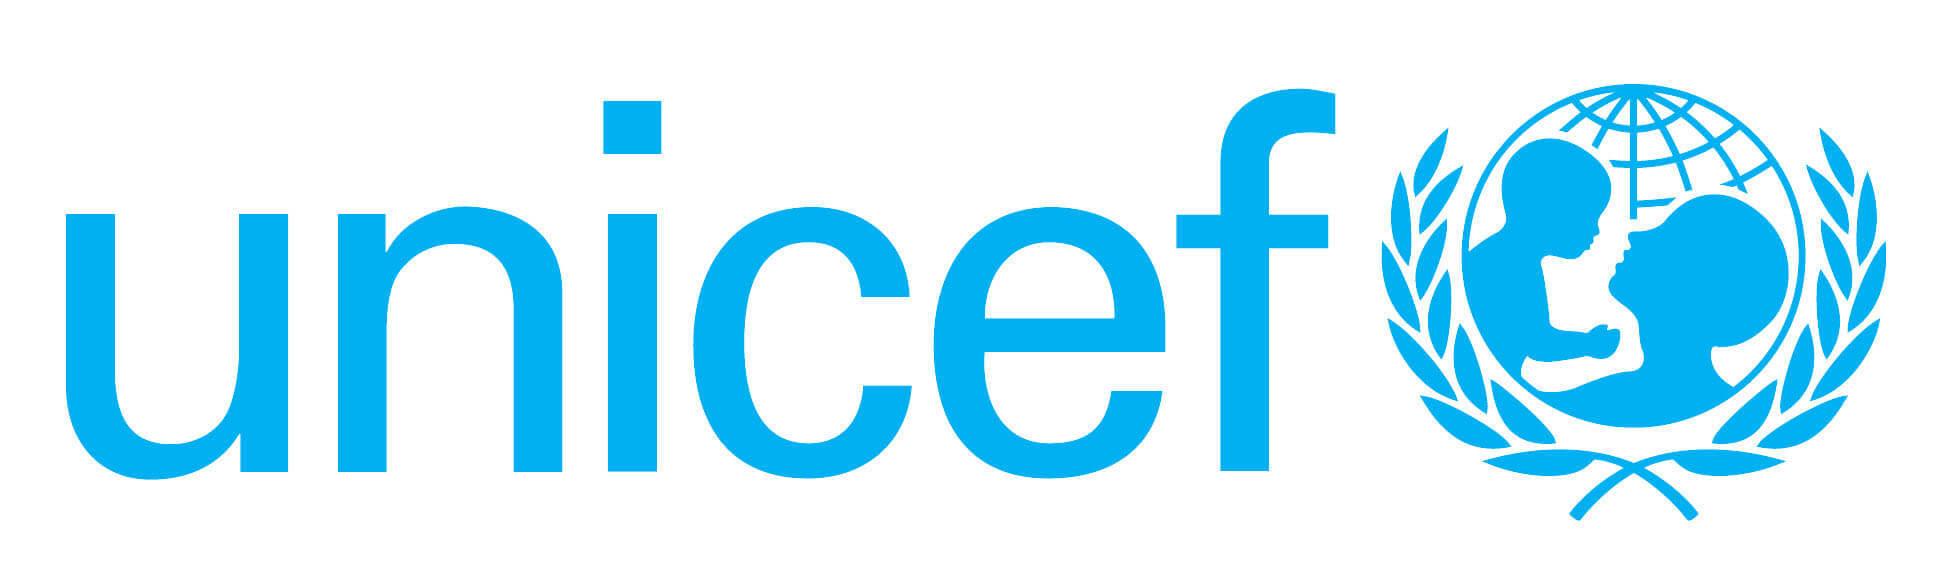 Unicef Logo 4